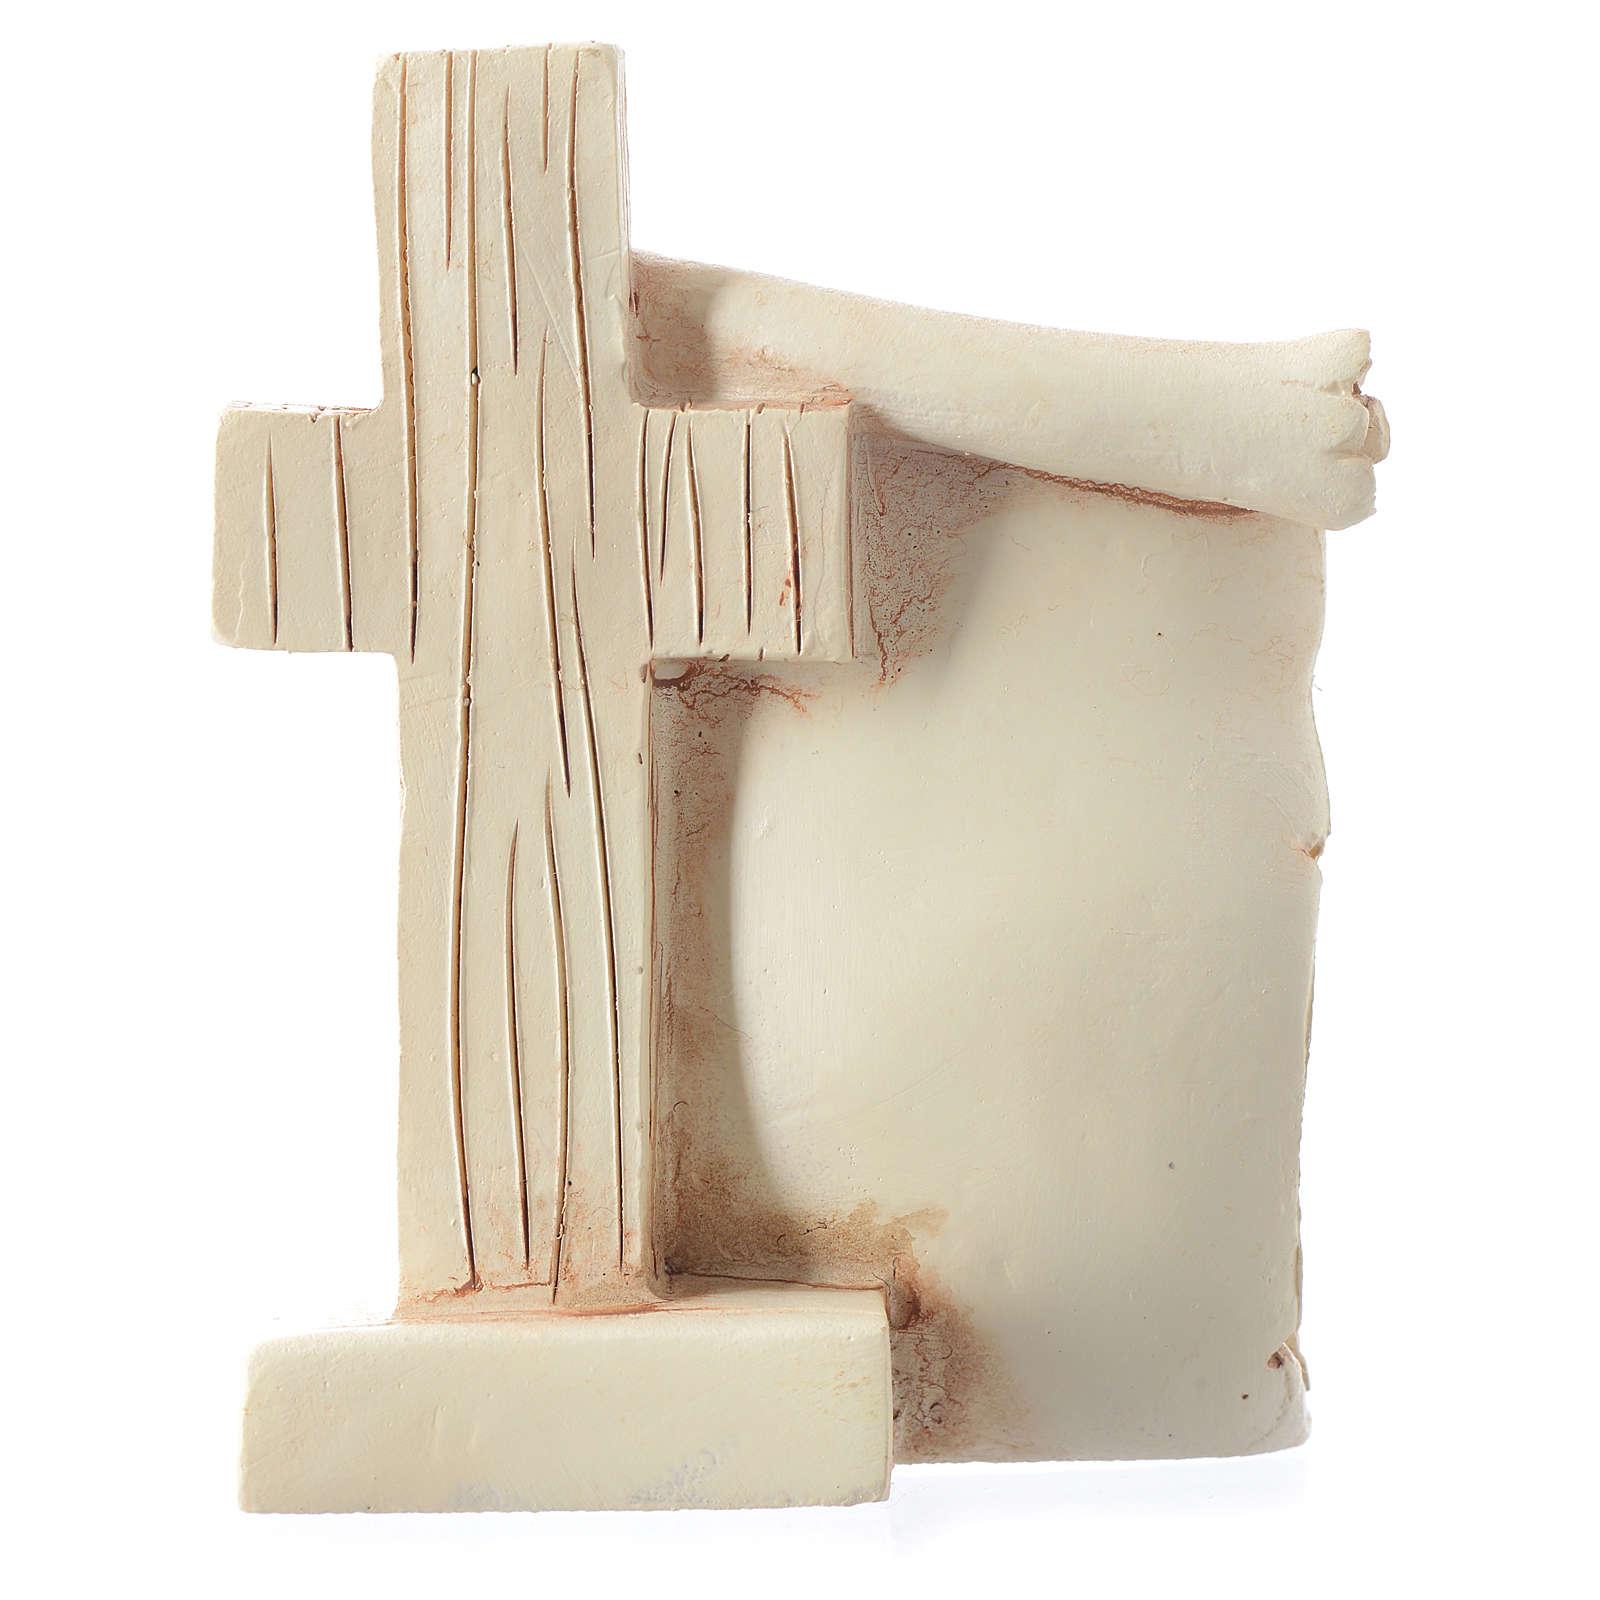 Ricordino Comunione Pergamena Calice 6x8 cm 3